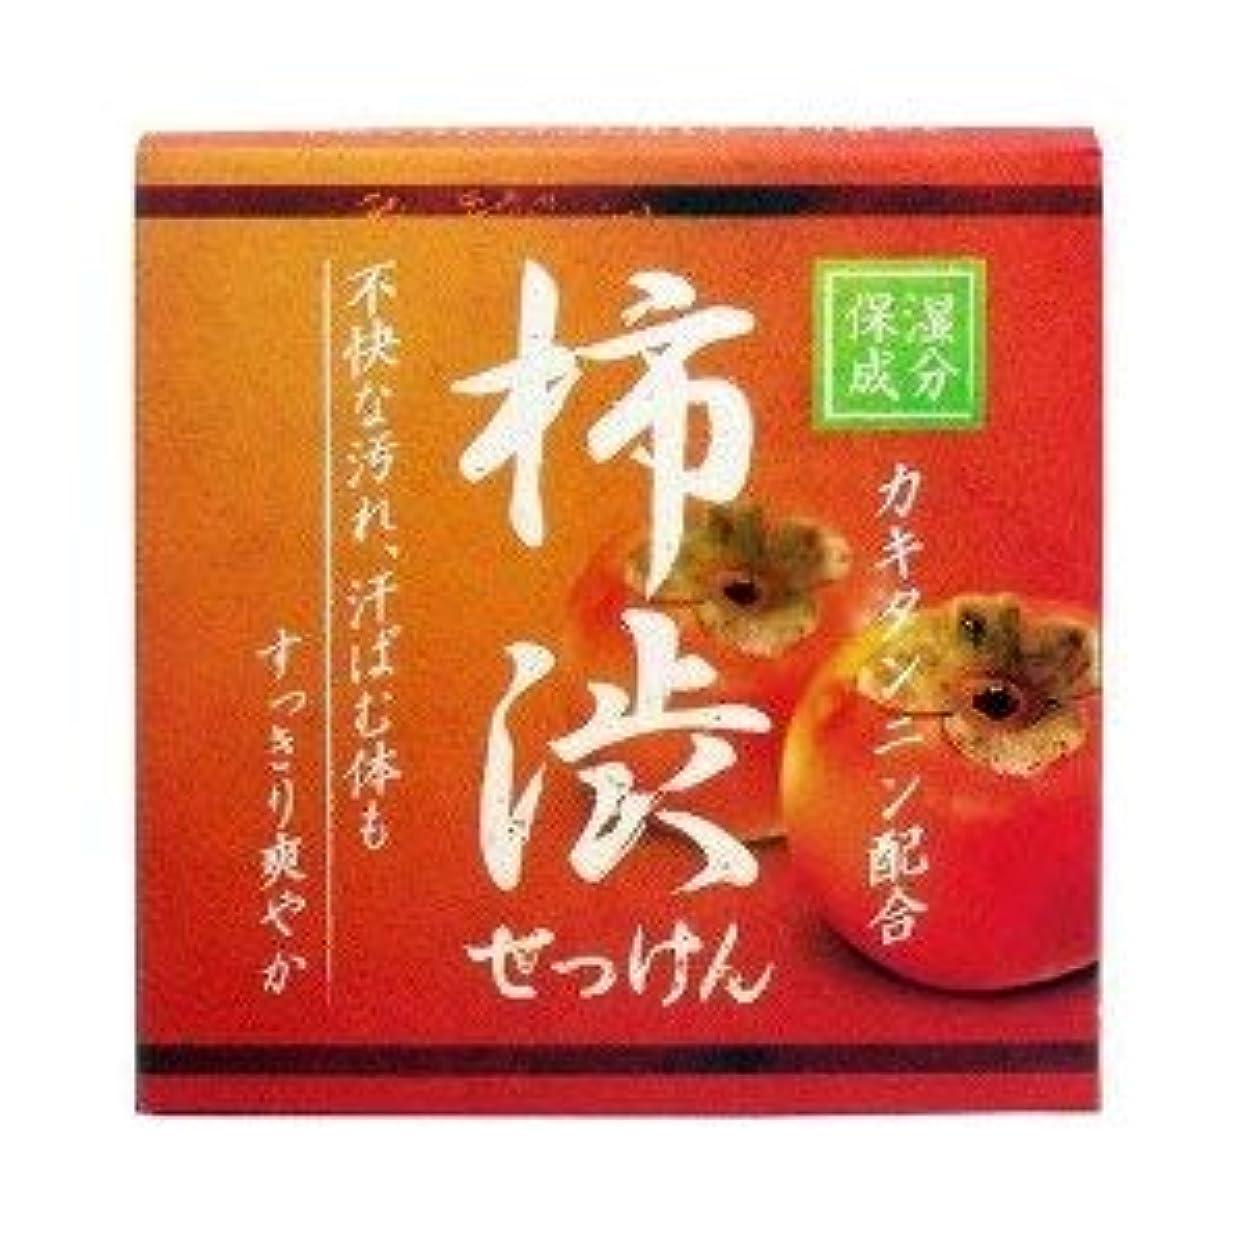 腸コントロール賠償柿渋配合せっけん カキタンニン配合保湿成分 80g×2 2個1セット 石鹸